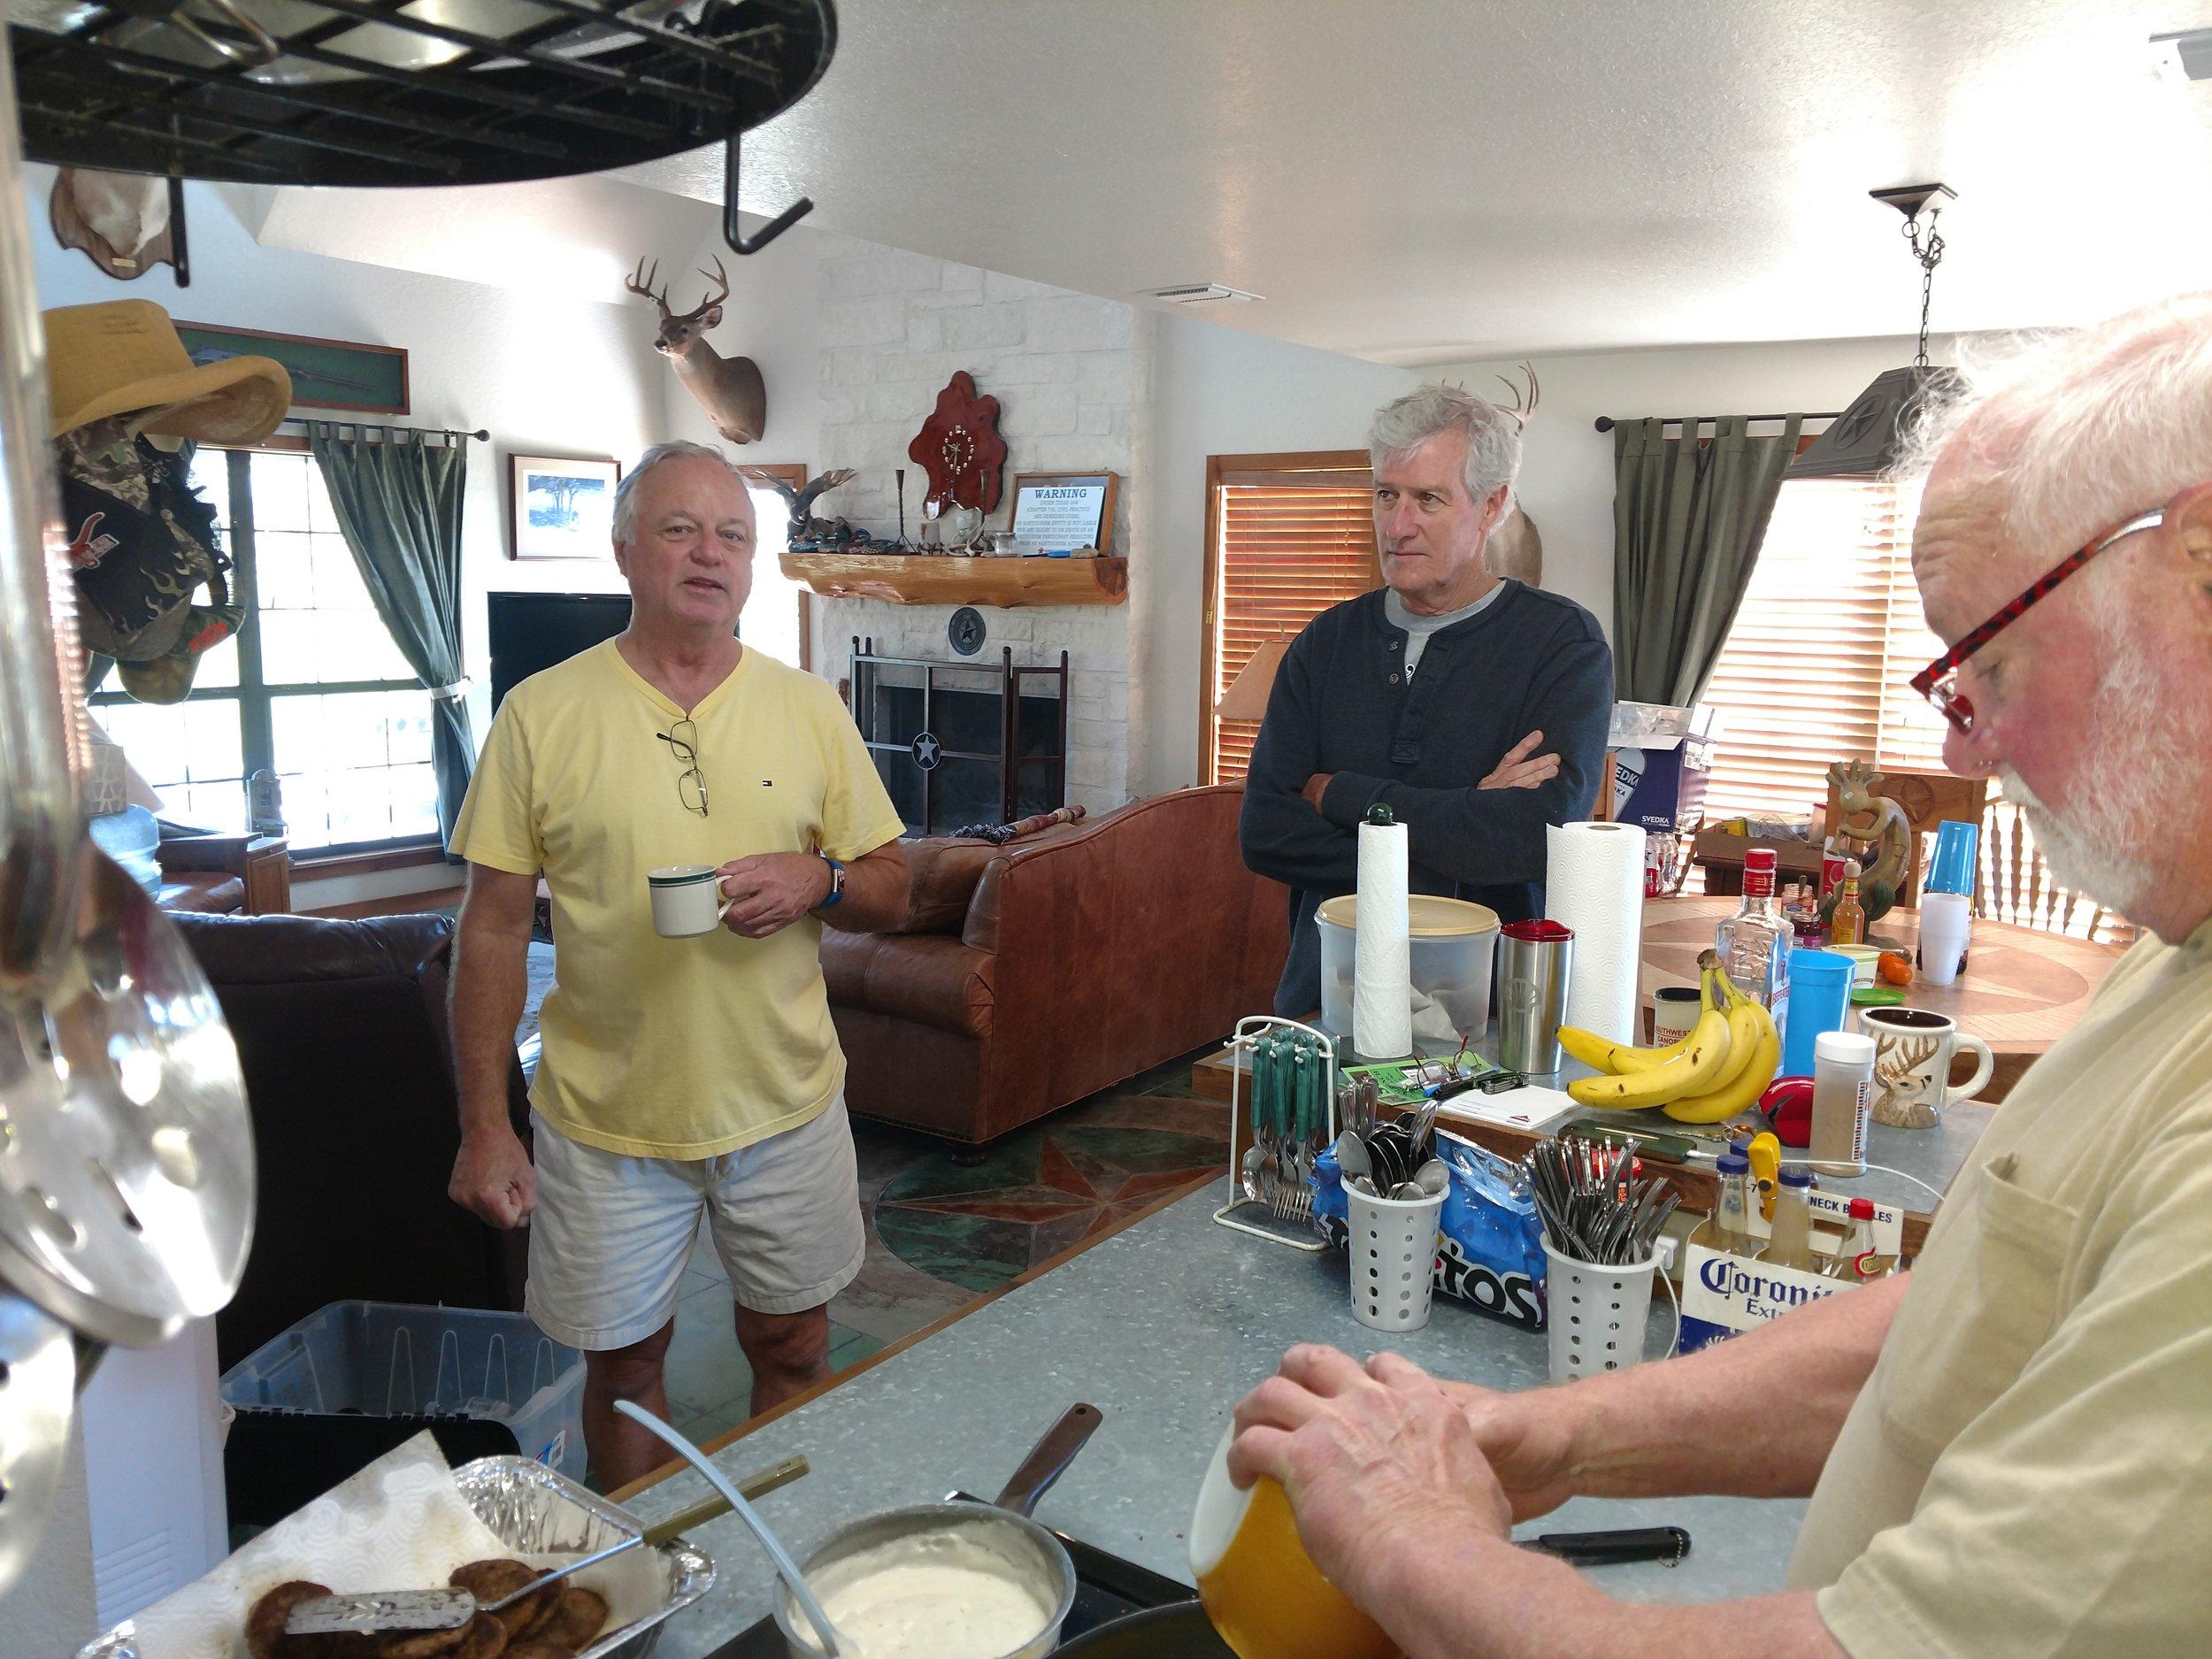 Steve, Bob, and Mark